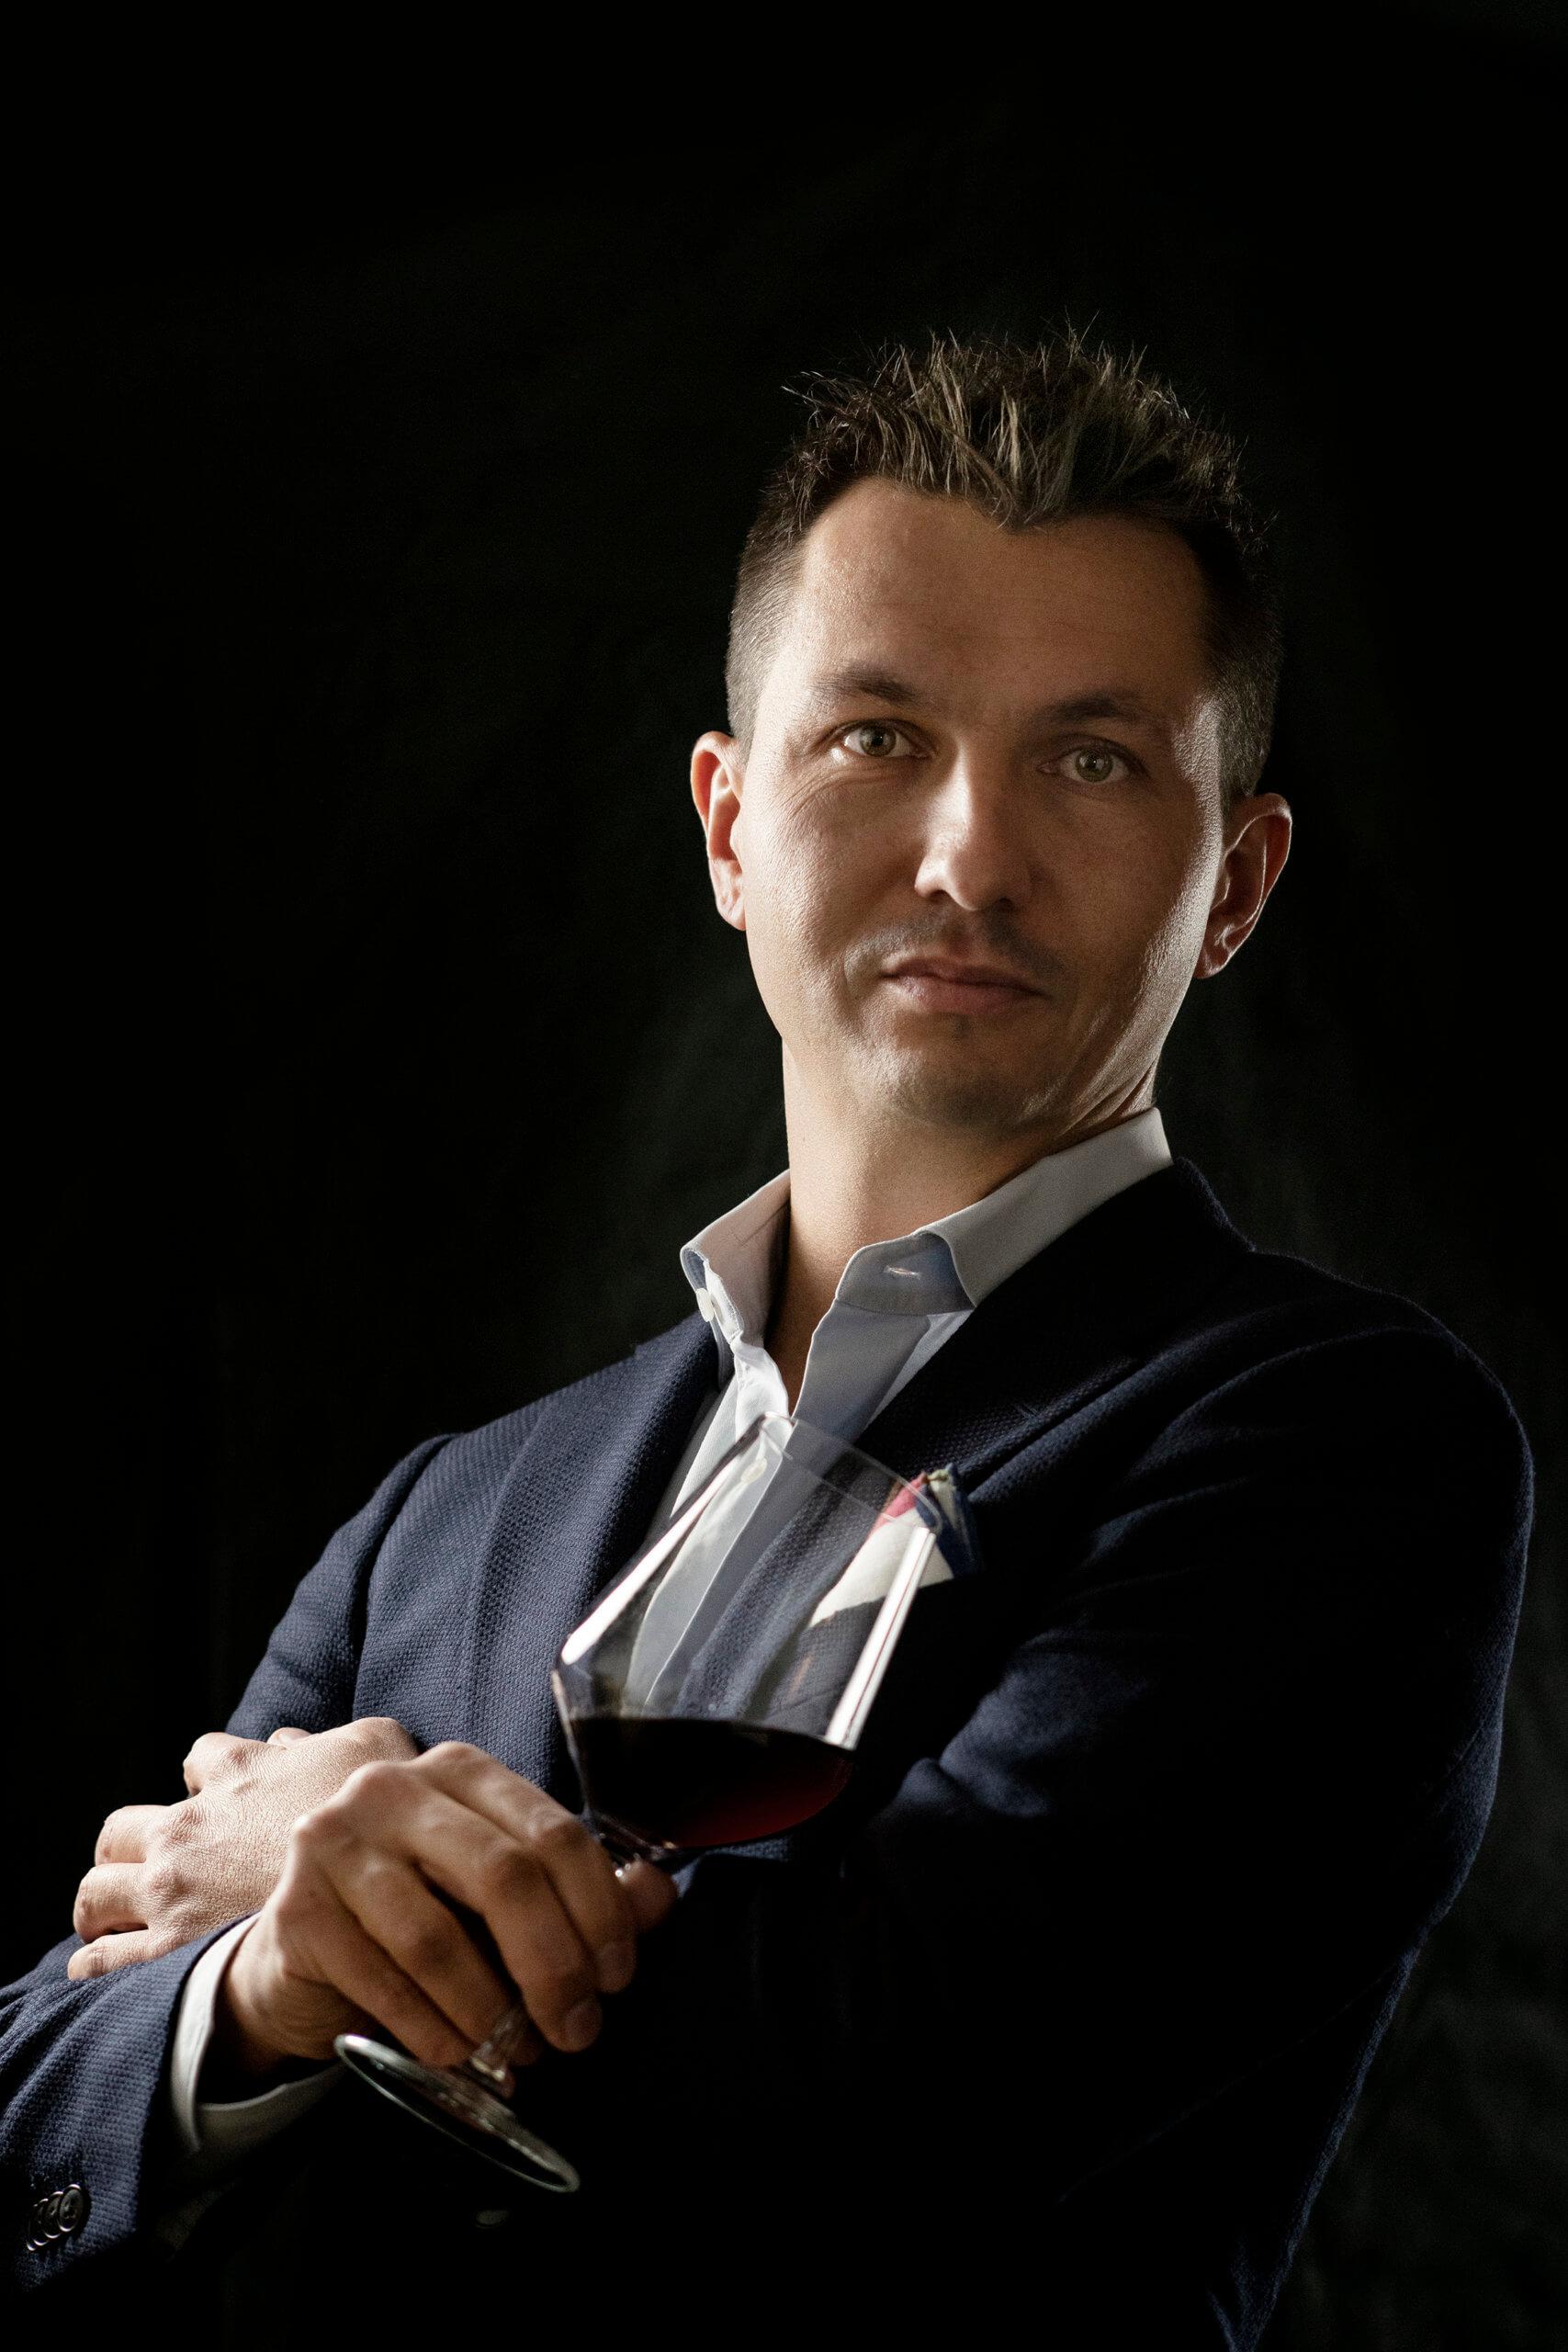 Nicola Biasi miglior giovane enologo d'Italia 2020  La sua carriera partita dalle vigne friulane. La premiazione avverrà il 10 ottobre a Bari durante la Vinoway Wine Selection 2021